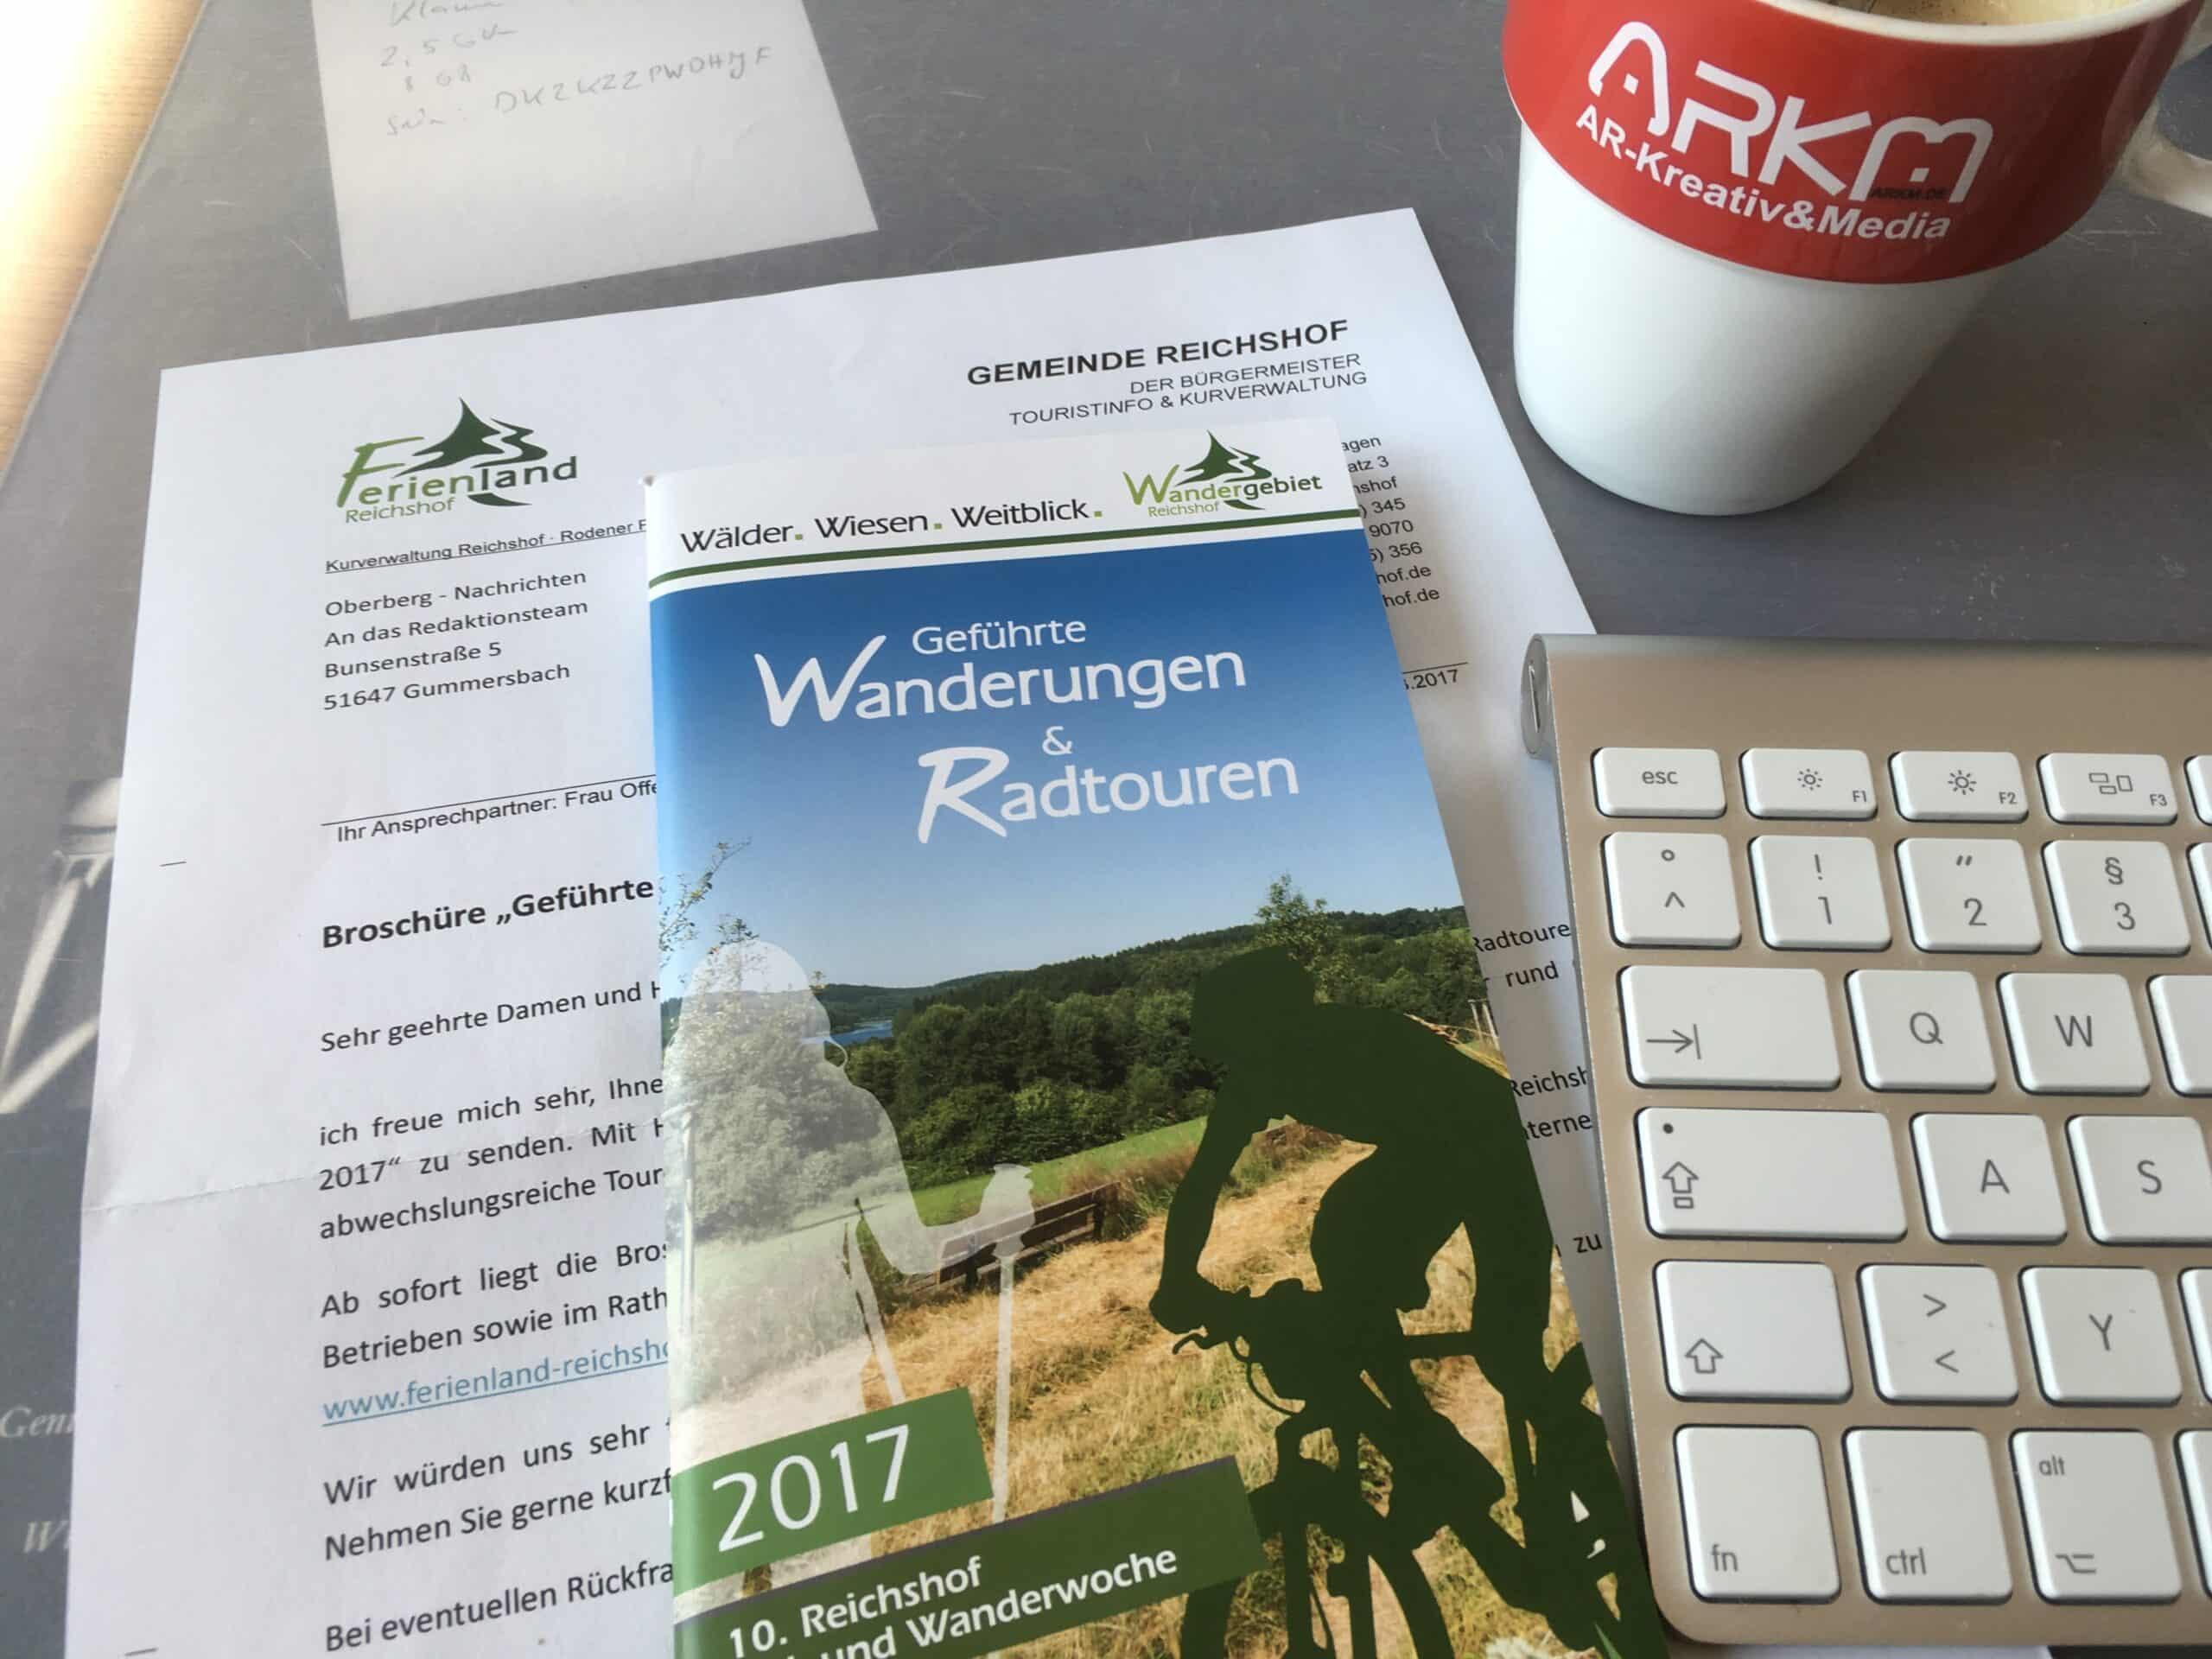 Naherholung in Oberberg - Das sind auch die geführten Wanderungen und Radtouren im Ferienland Reichshof.